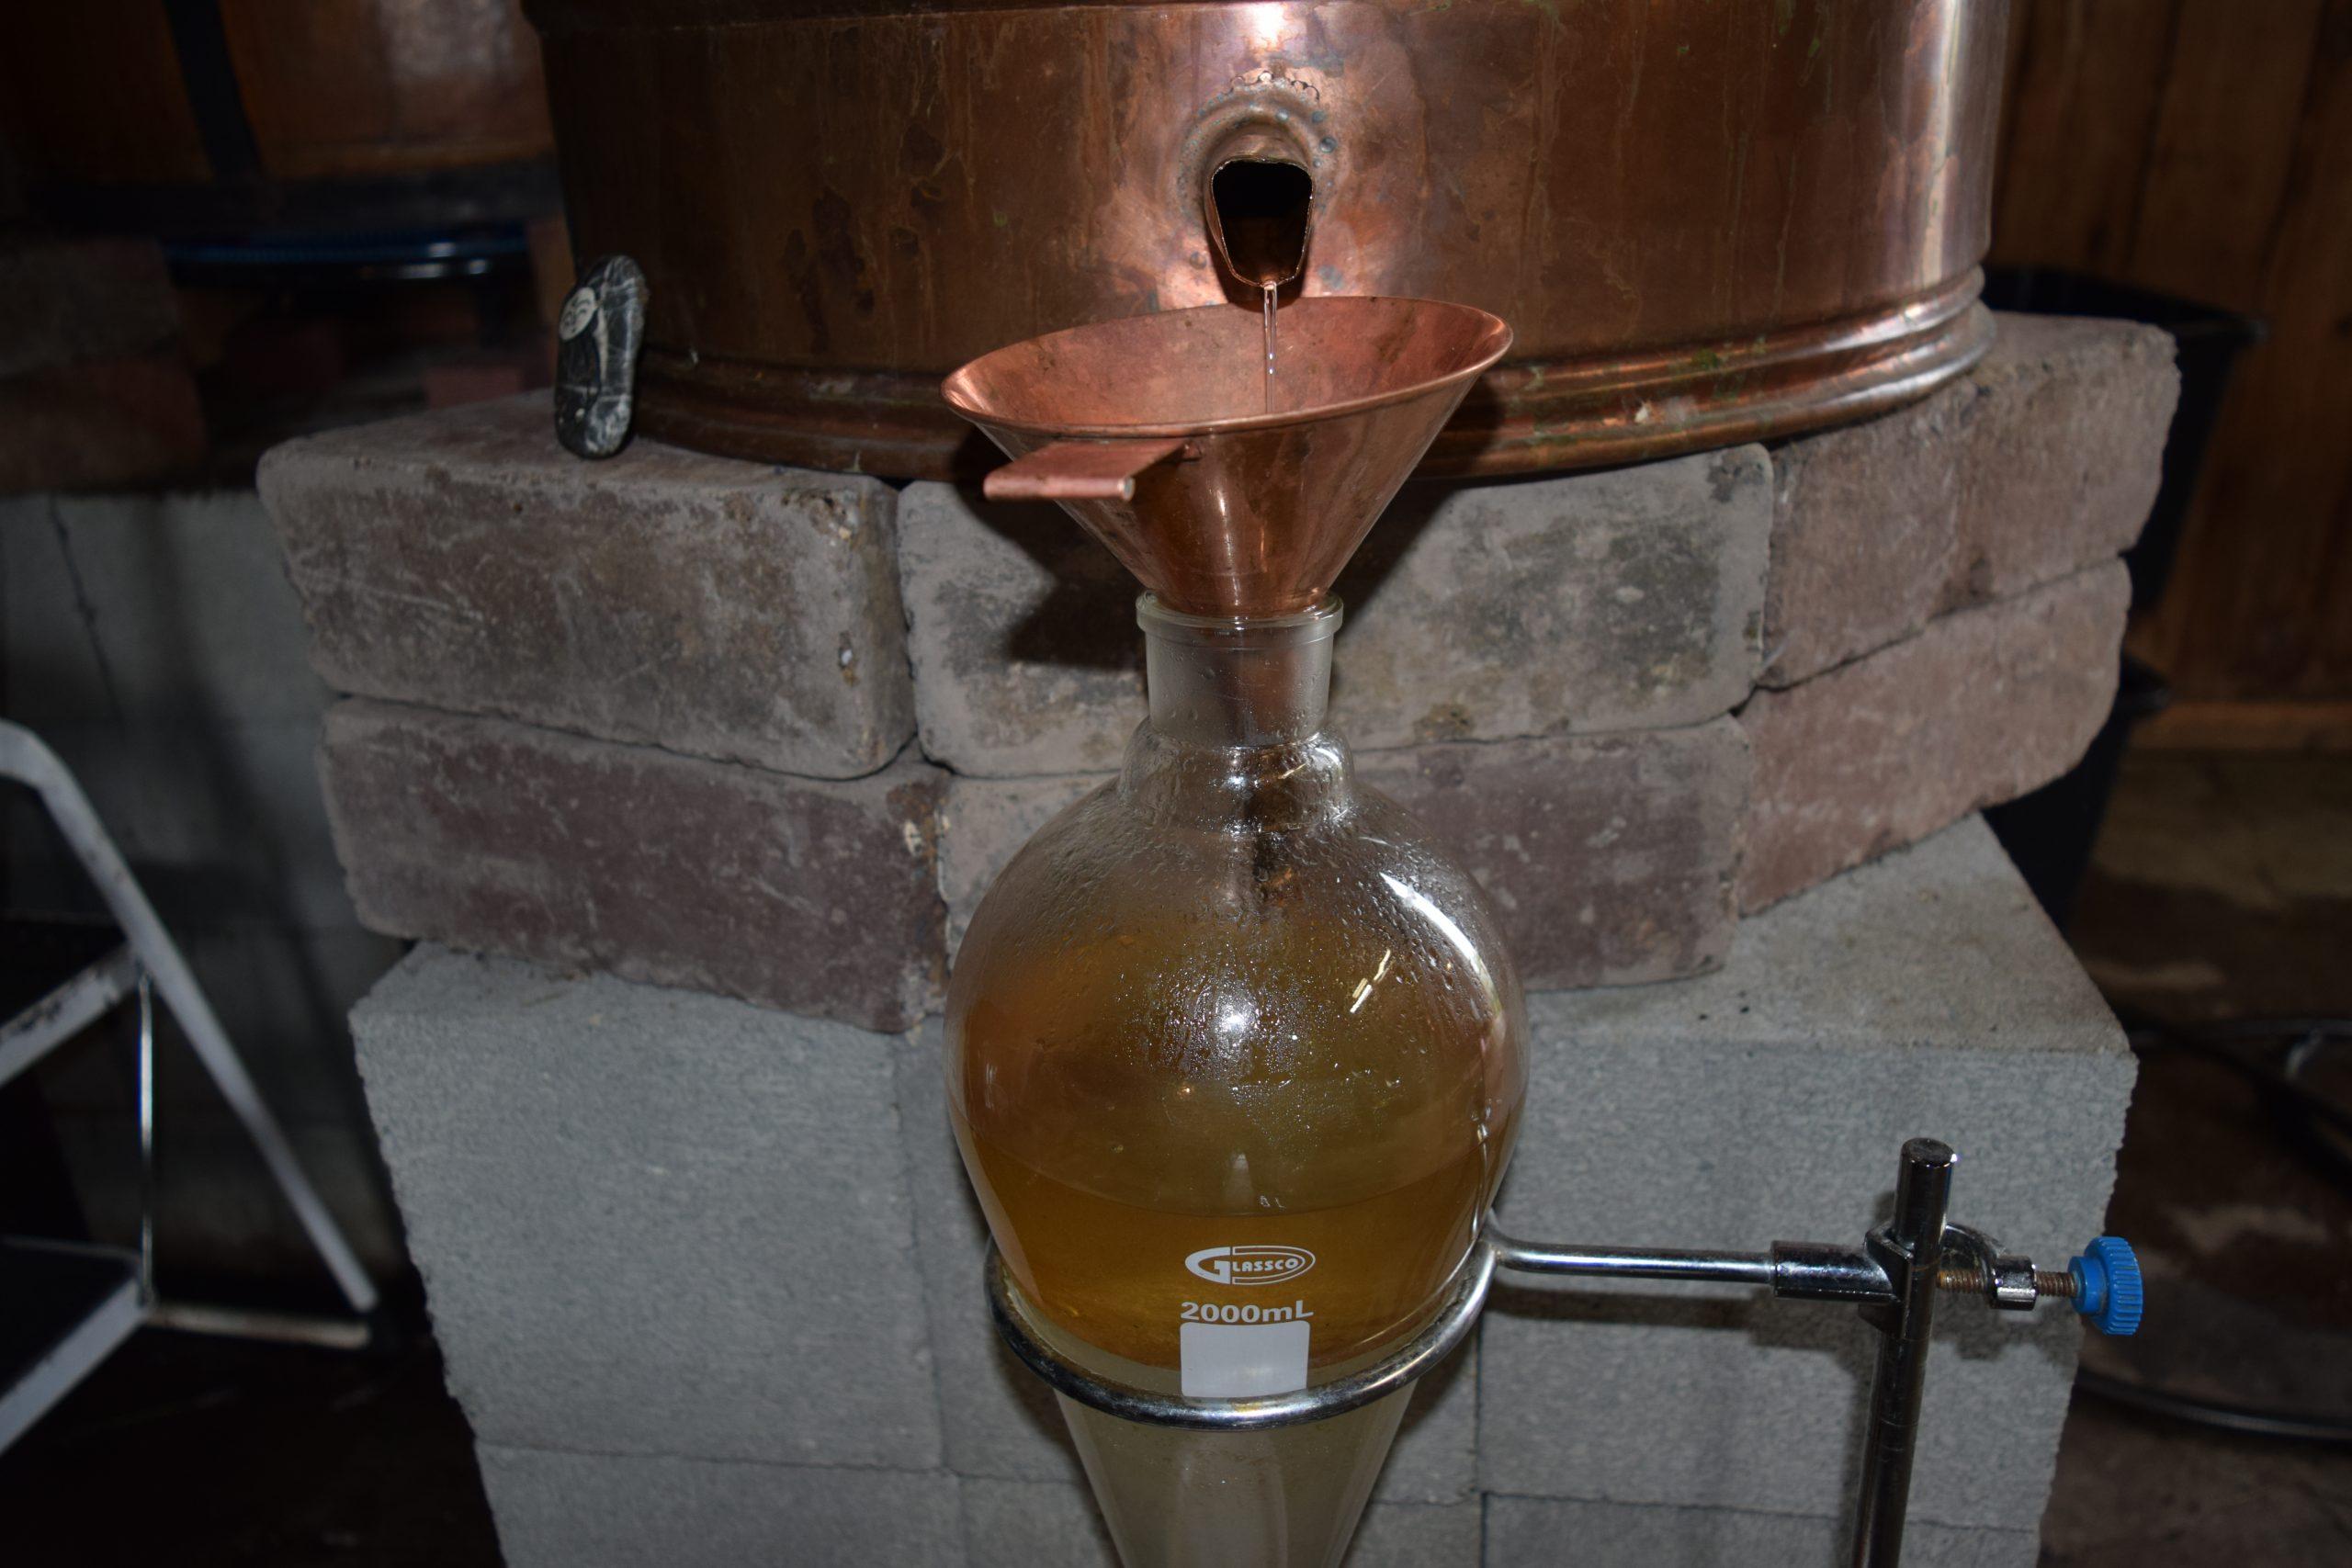 Lavender Distilling